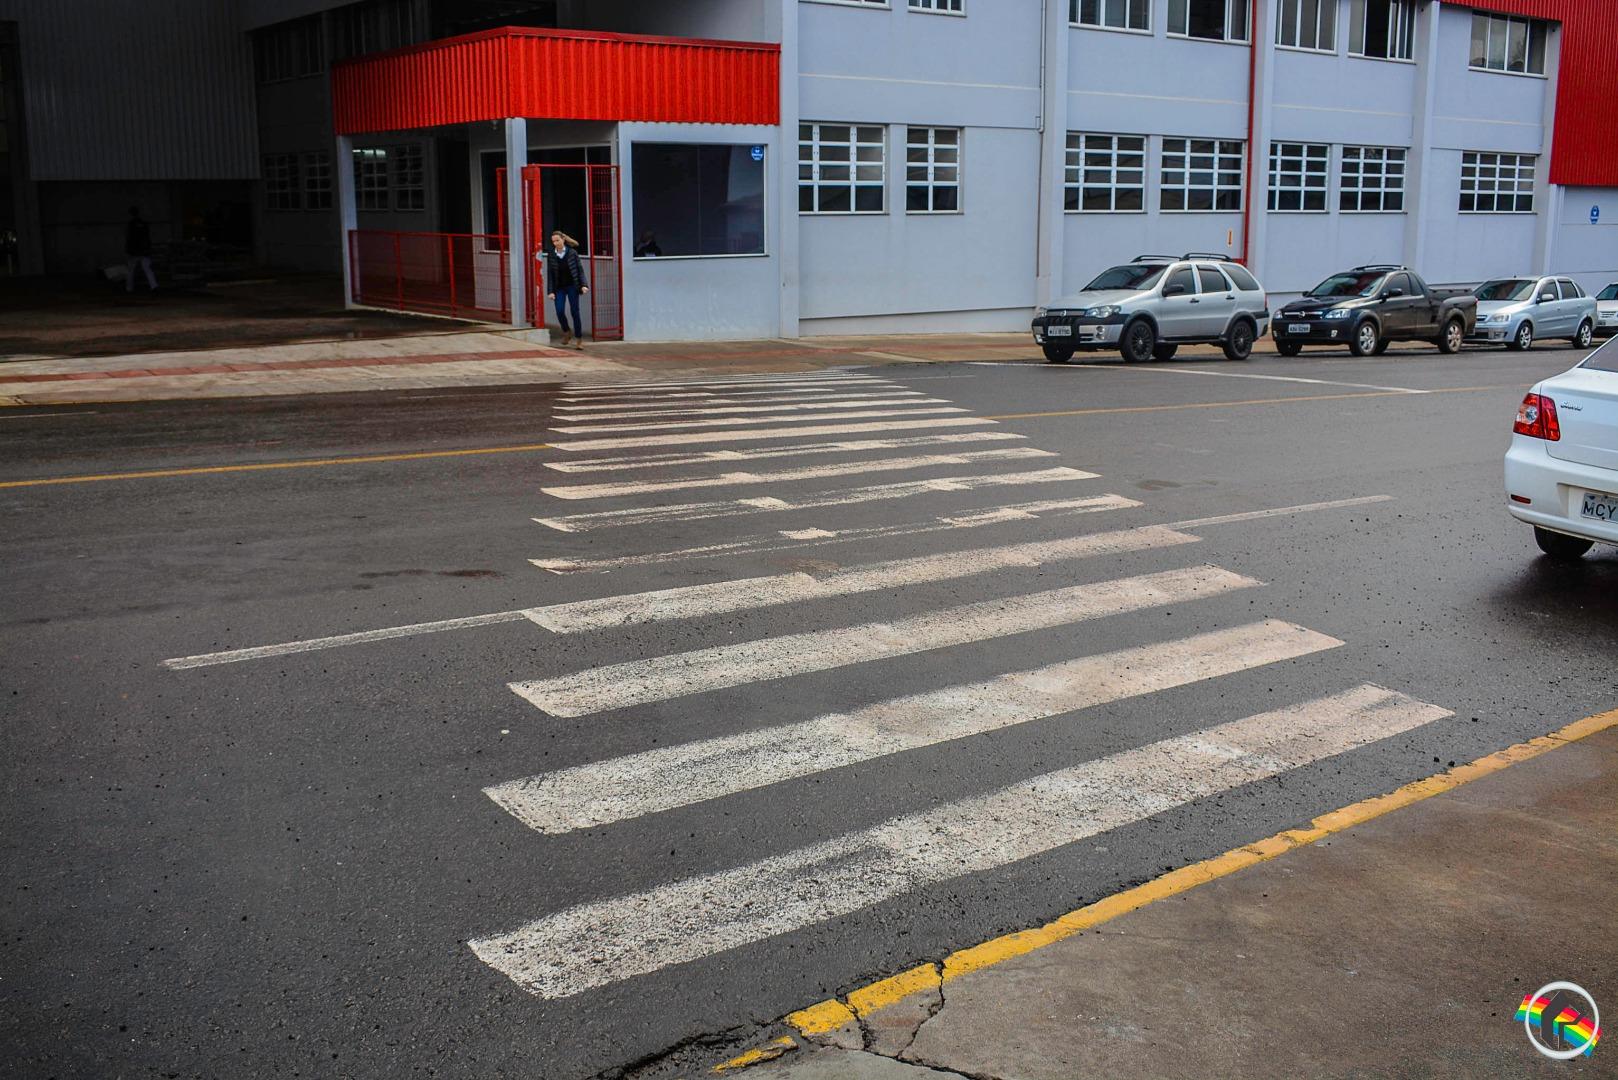 Pedestre é atropelado por motociclista ao atravessar na faixa